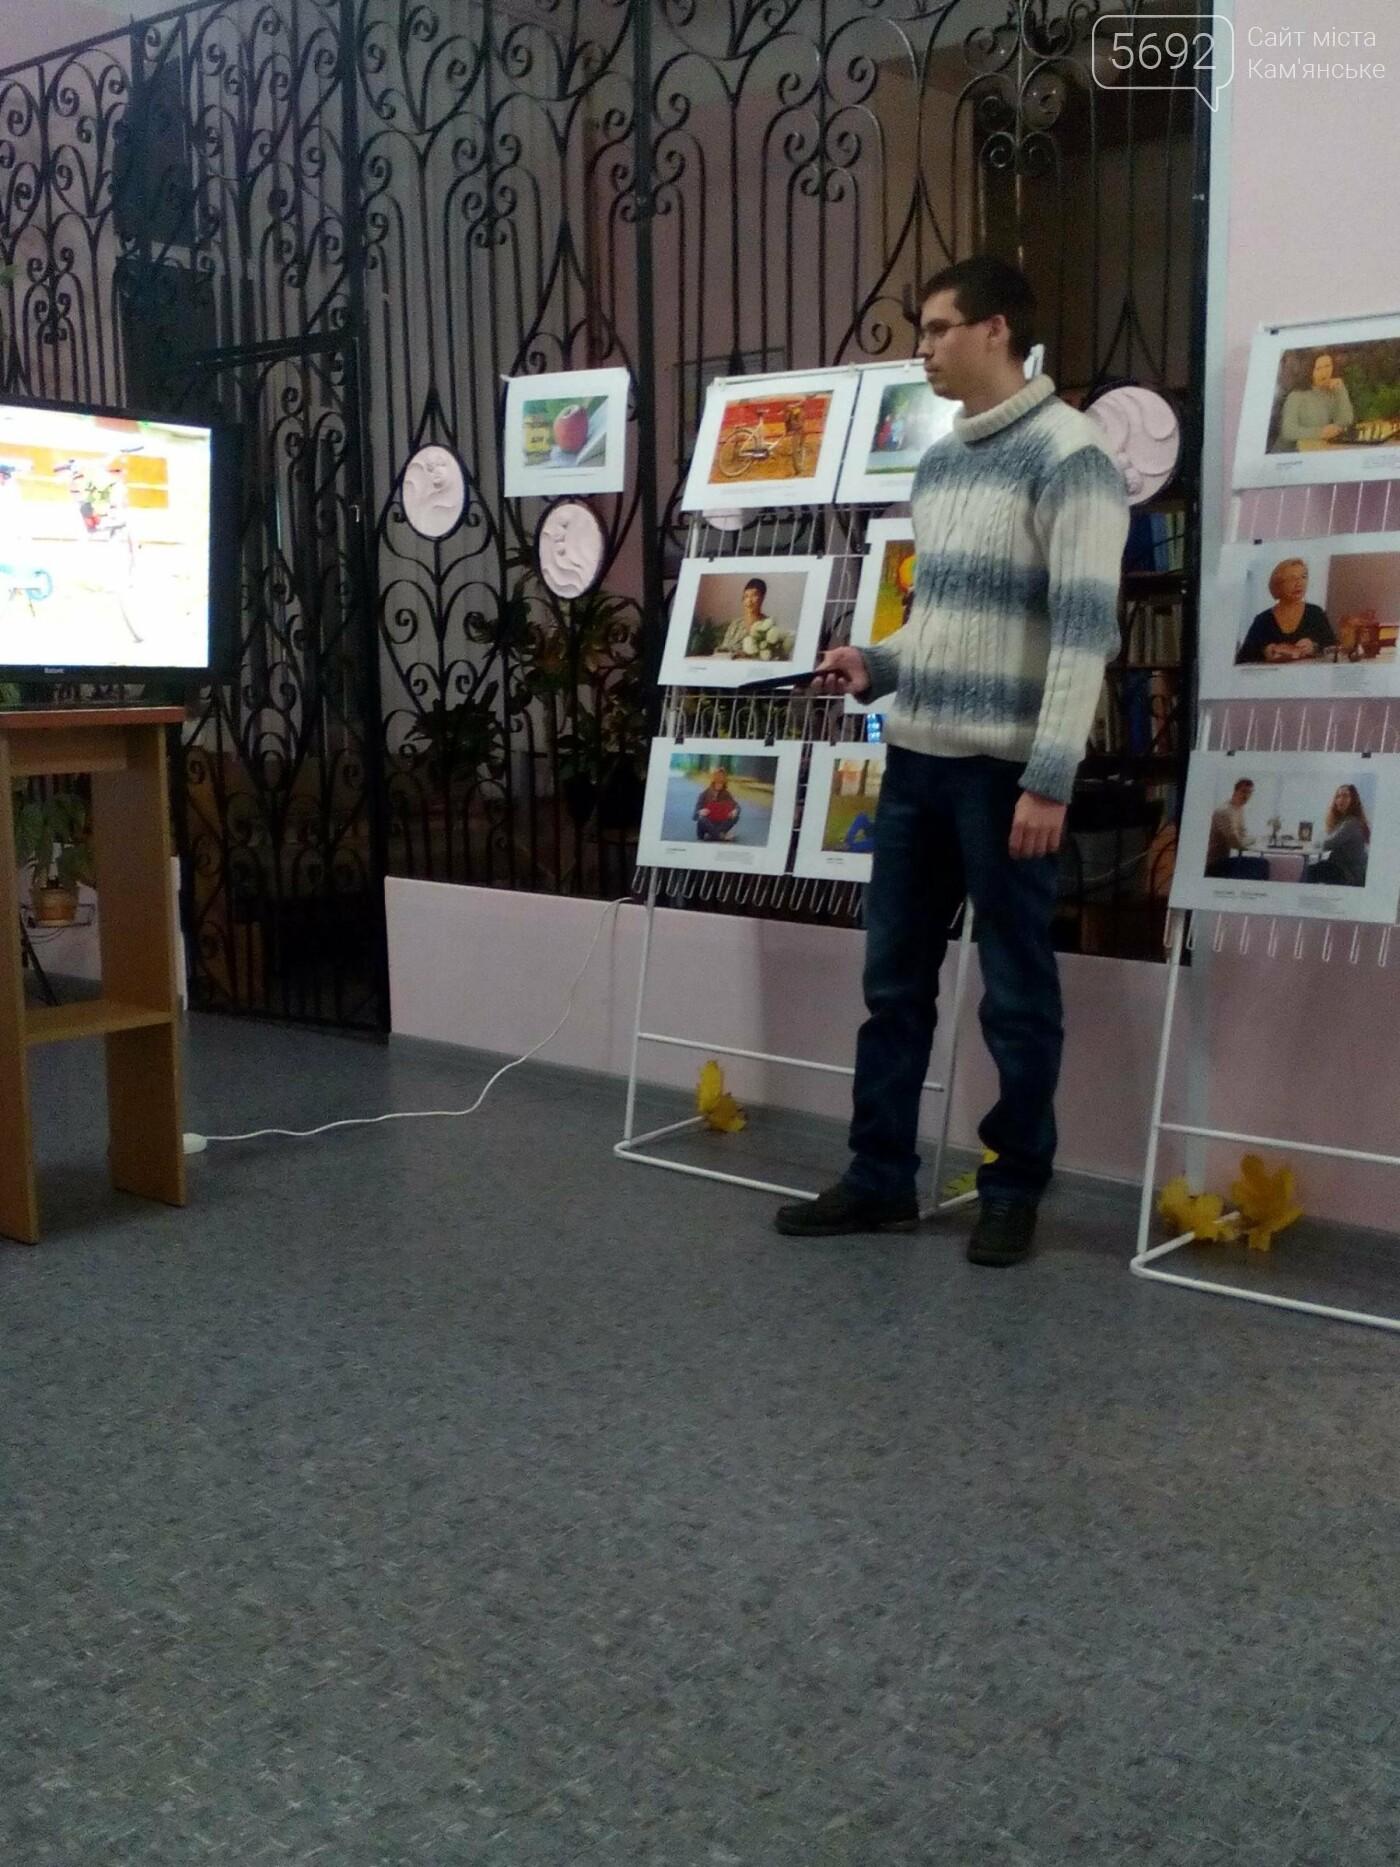 В Центральной библиотеке Каменского презентовали фотопроект «Осень создана для чтения», фото-15